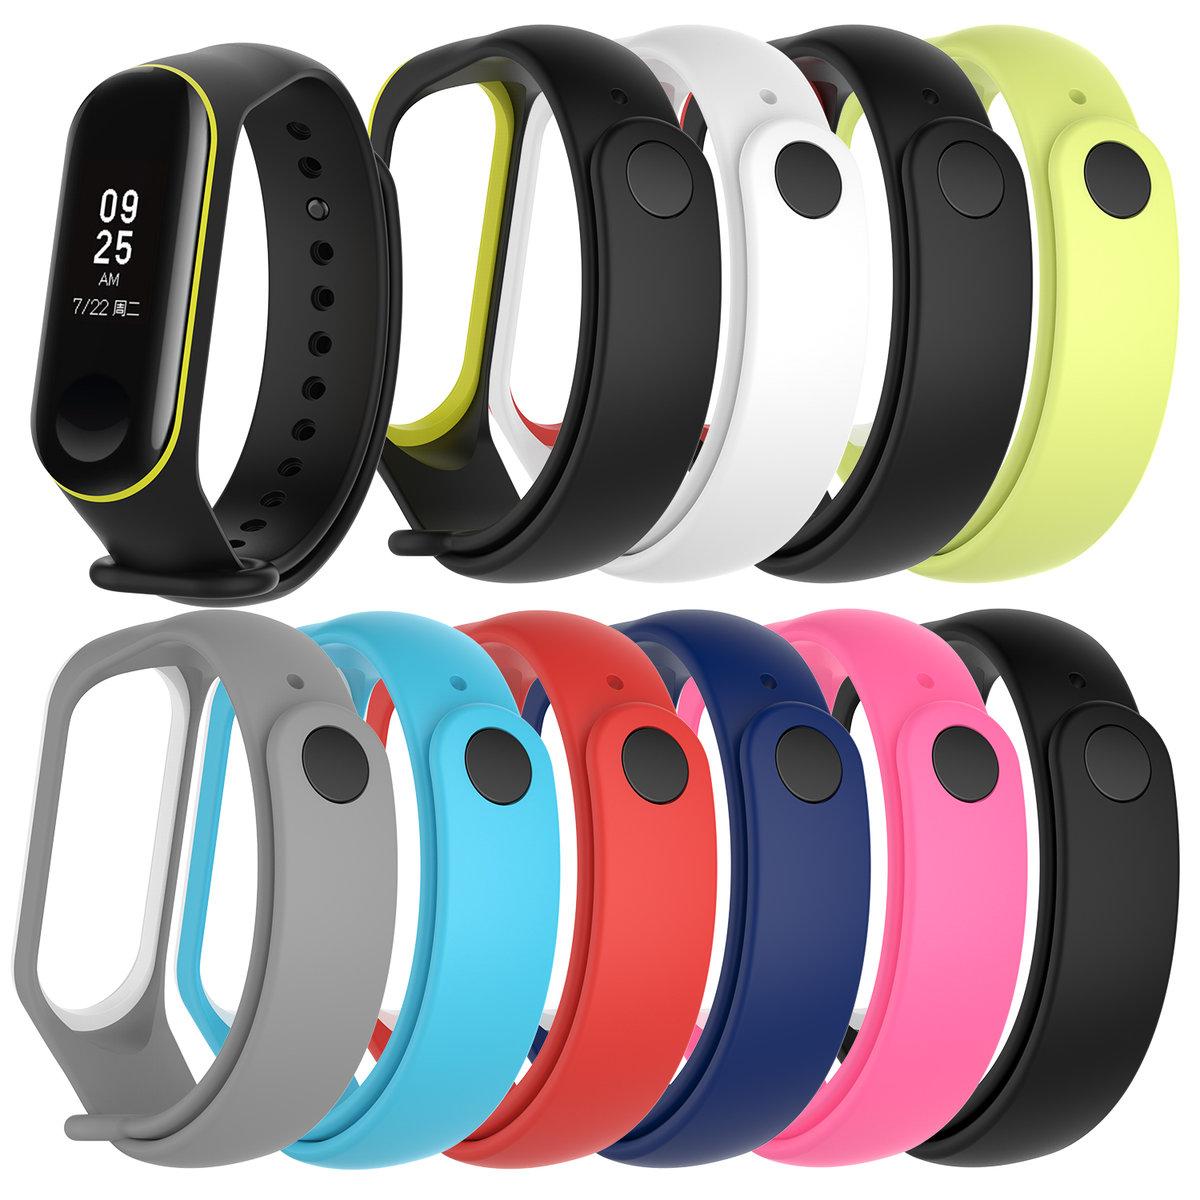 【一套10條】可調節 小米手環 3 / 4 替代手錶錶帶 矽膠雙色錶帶 - 不適合Xiaomi Mi Band 1/2 使用 (非原廠)